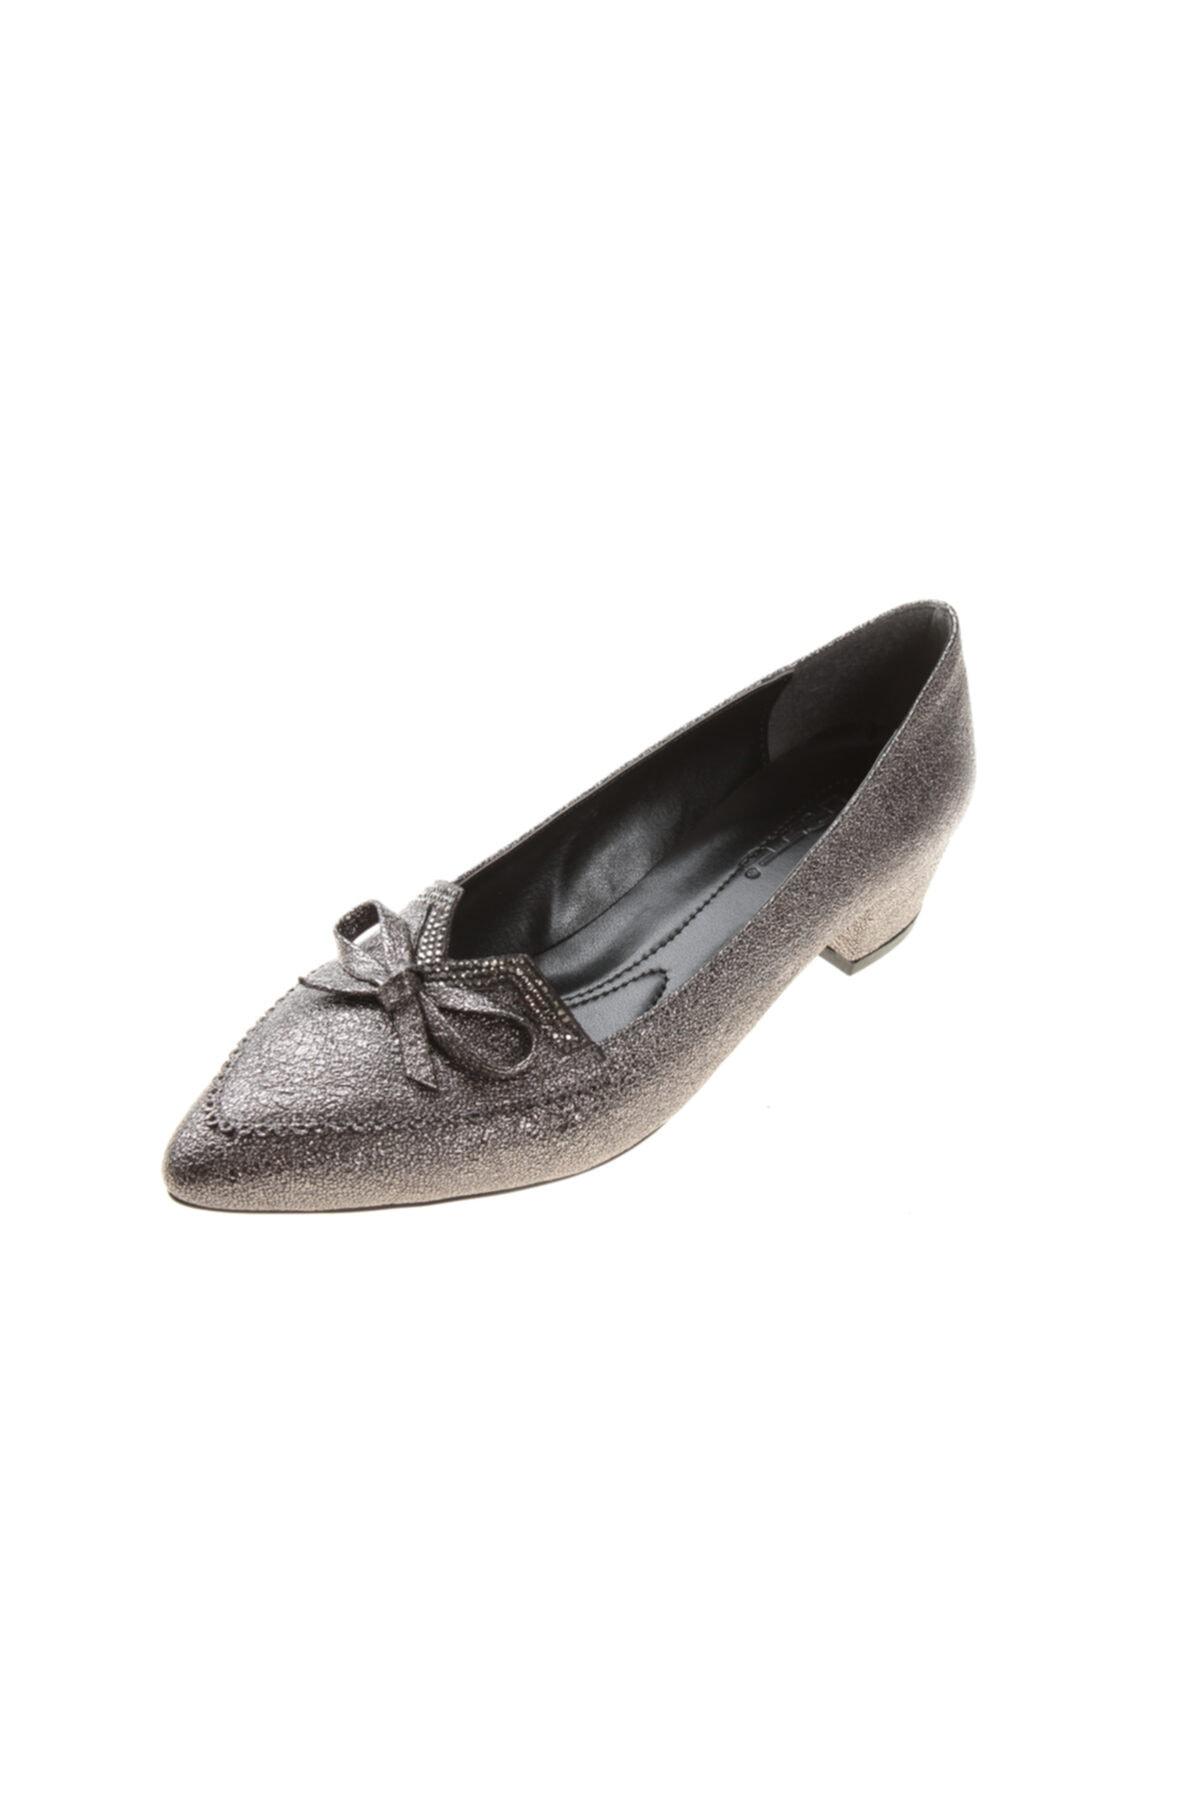 PUNTO Kadın Platin Abiye Kısa Topuk Ayakkabı 1